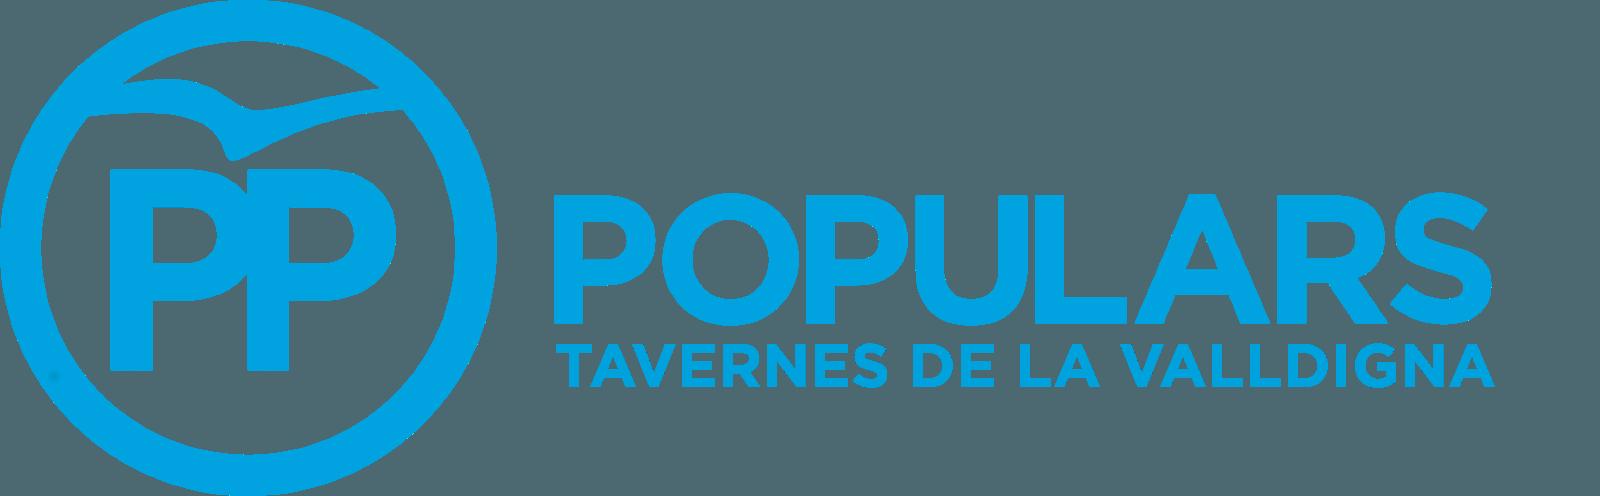 Partit Popular Tavernes de la Valldigna